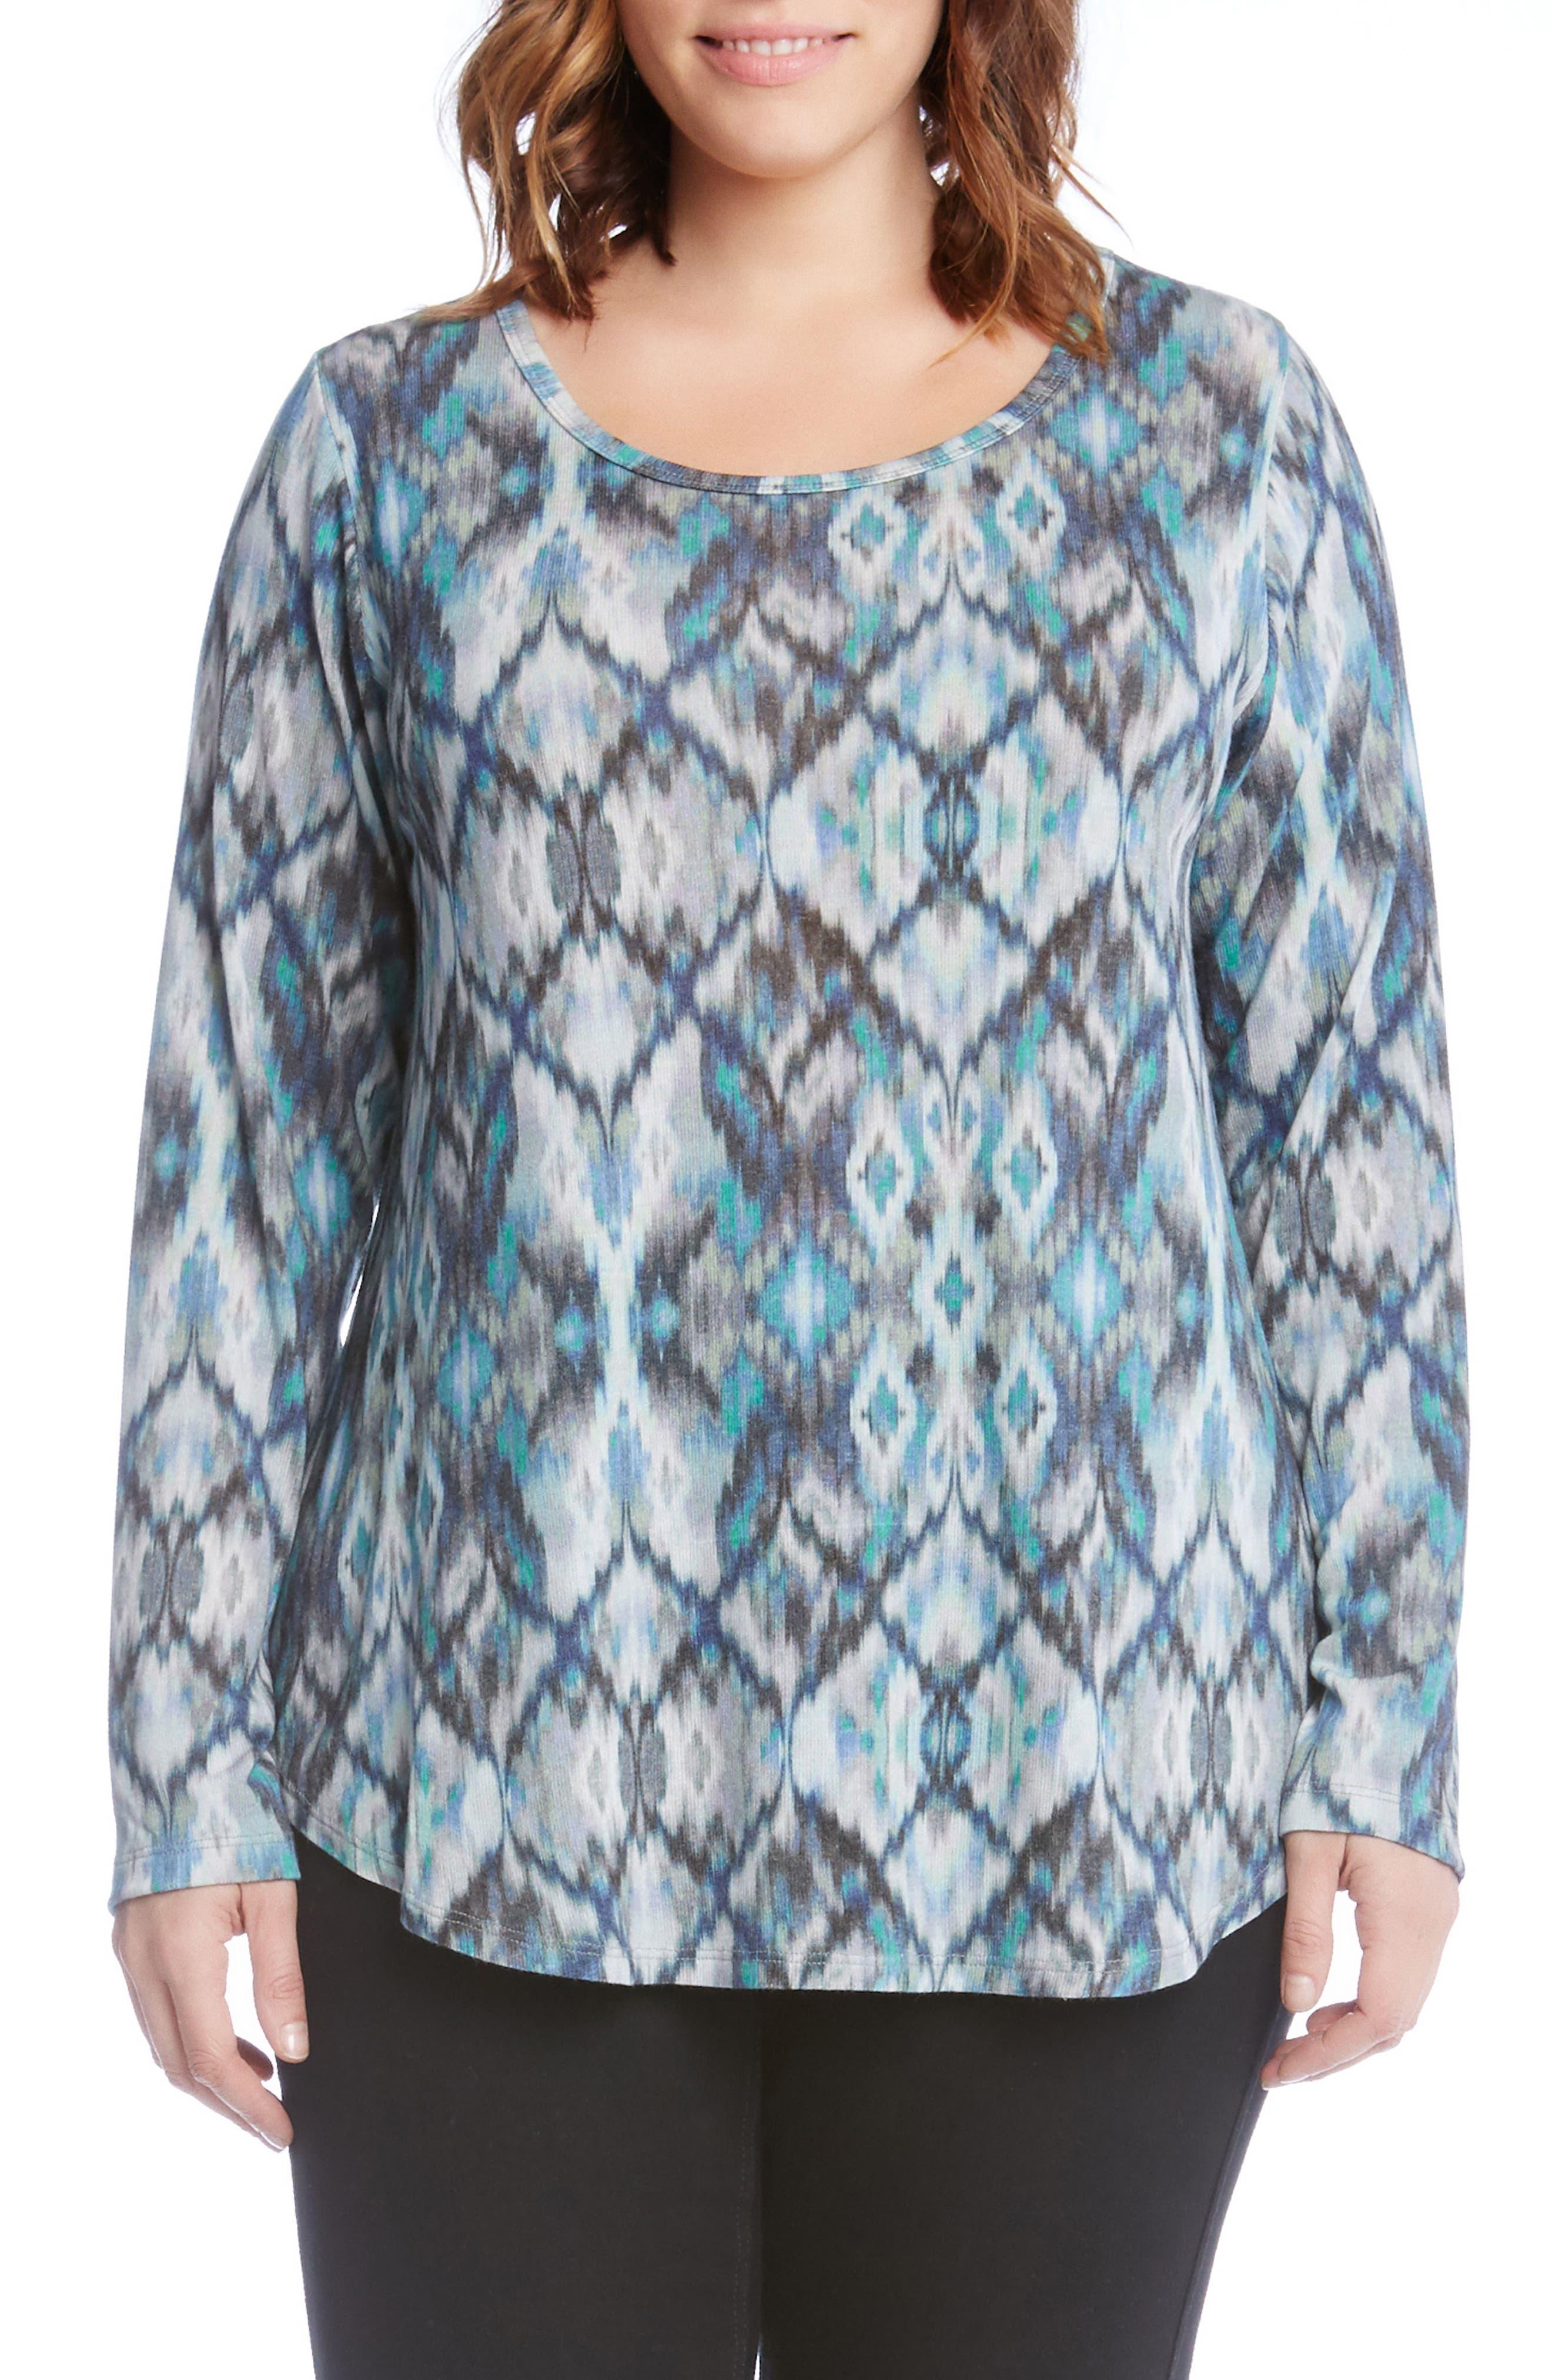 Alternate Image 1 Selected - Karen Kane Print Shirttail Top (Plus Size)